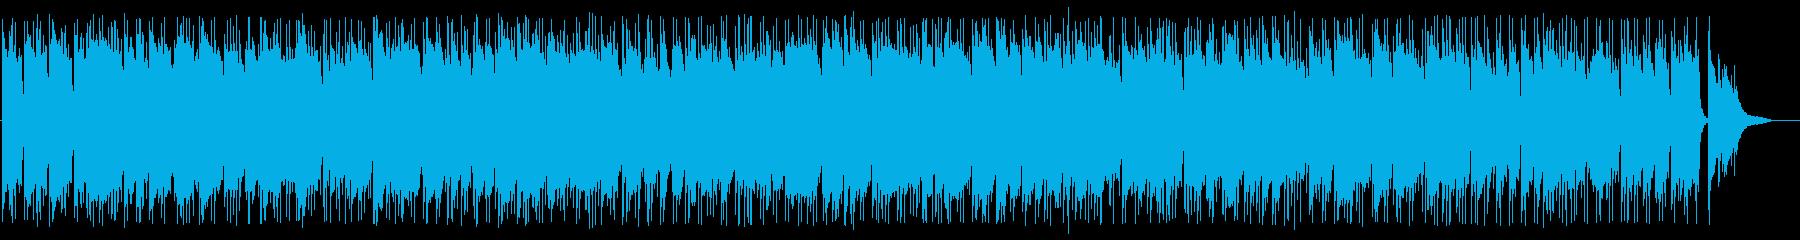 アメイジング・グレイスacousticの再生済みの波形